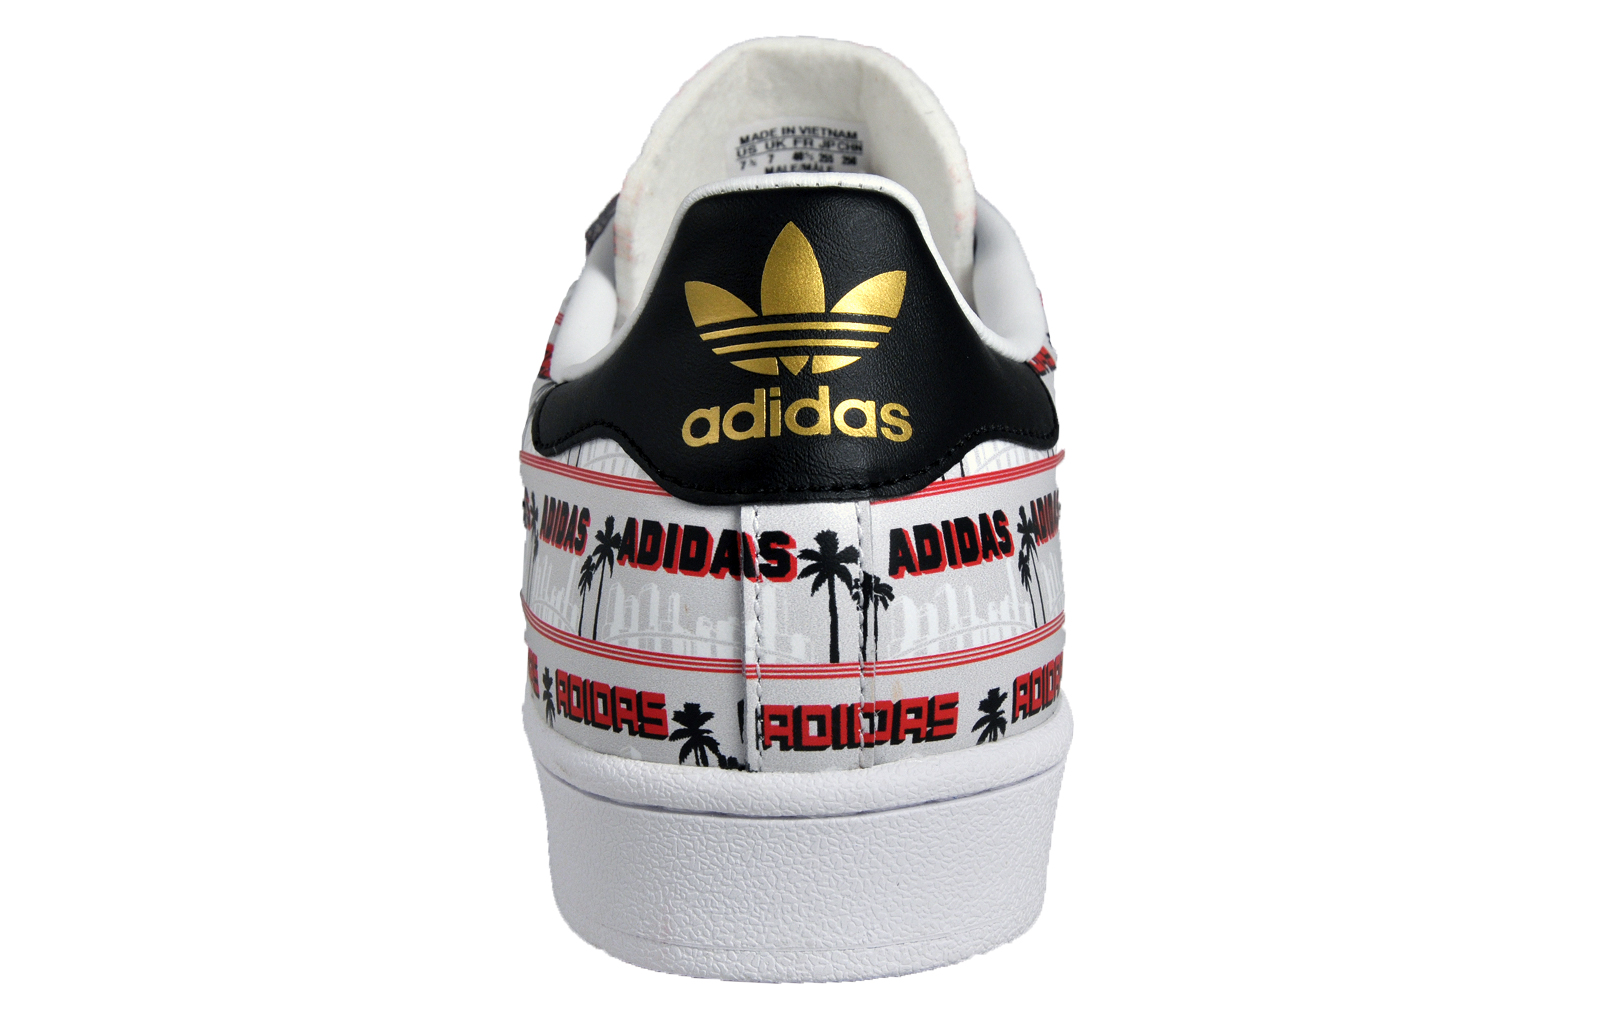 premium selection 3e7bb 7a63b Adidas Originals Superstar Nigo Bearfoot Mens Classic Casual Trainers  White. Manufacturers code  S75556